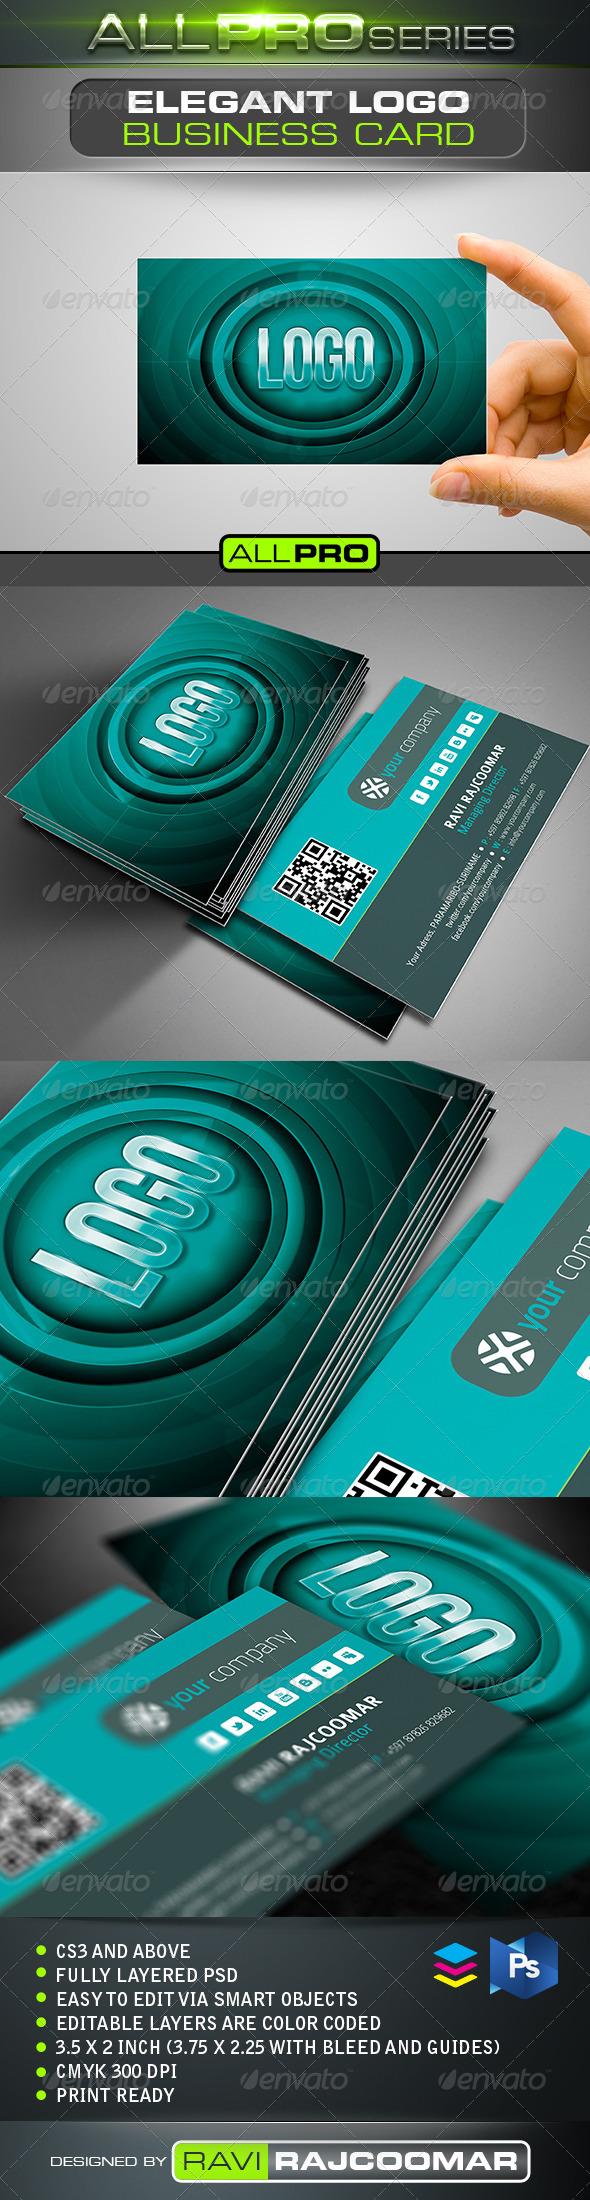 GraphicRiver Elegant Logo Business Card 5133521